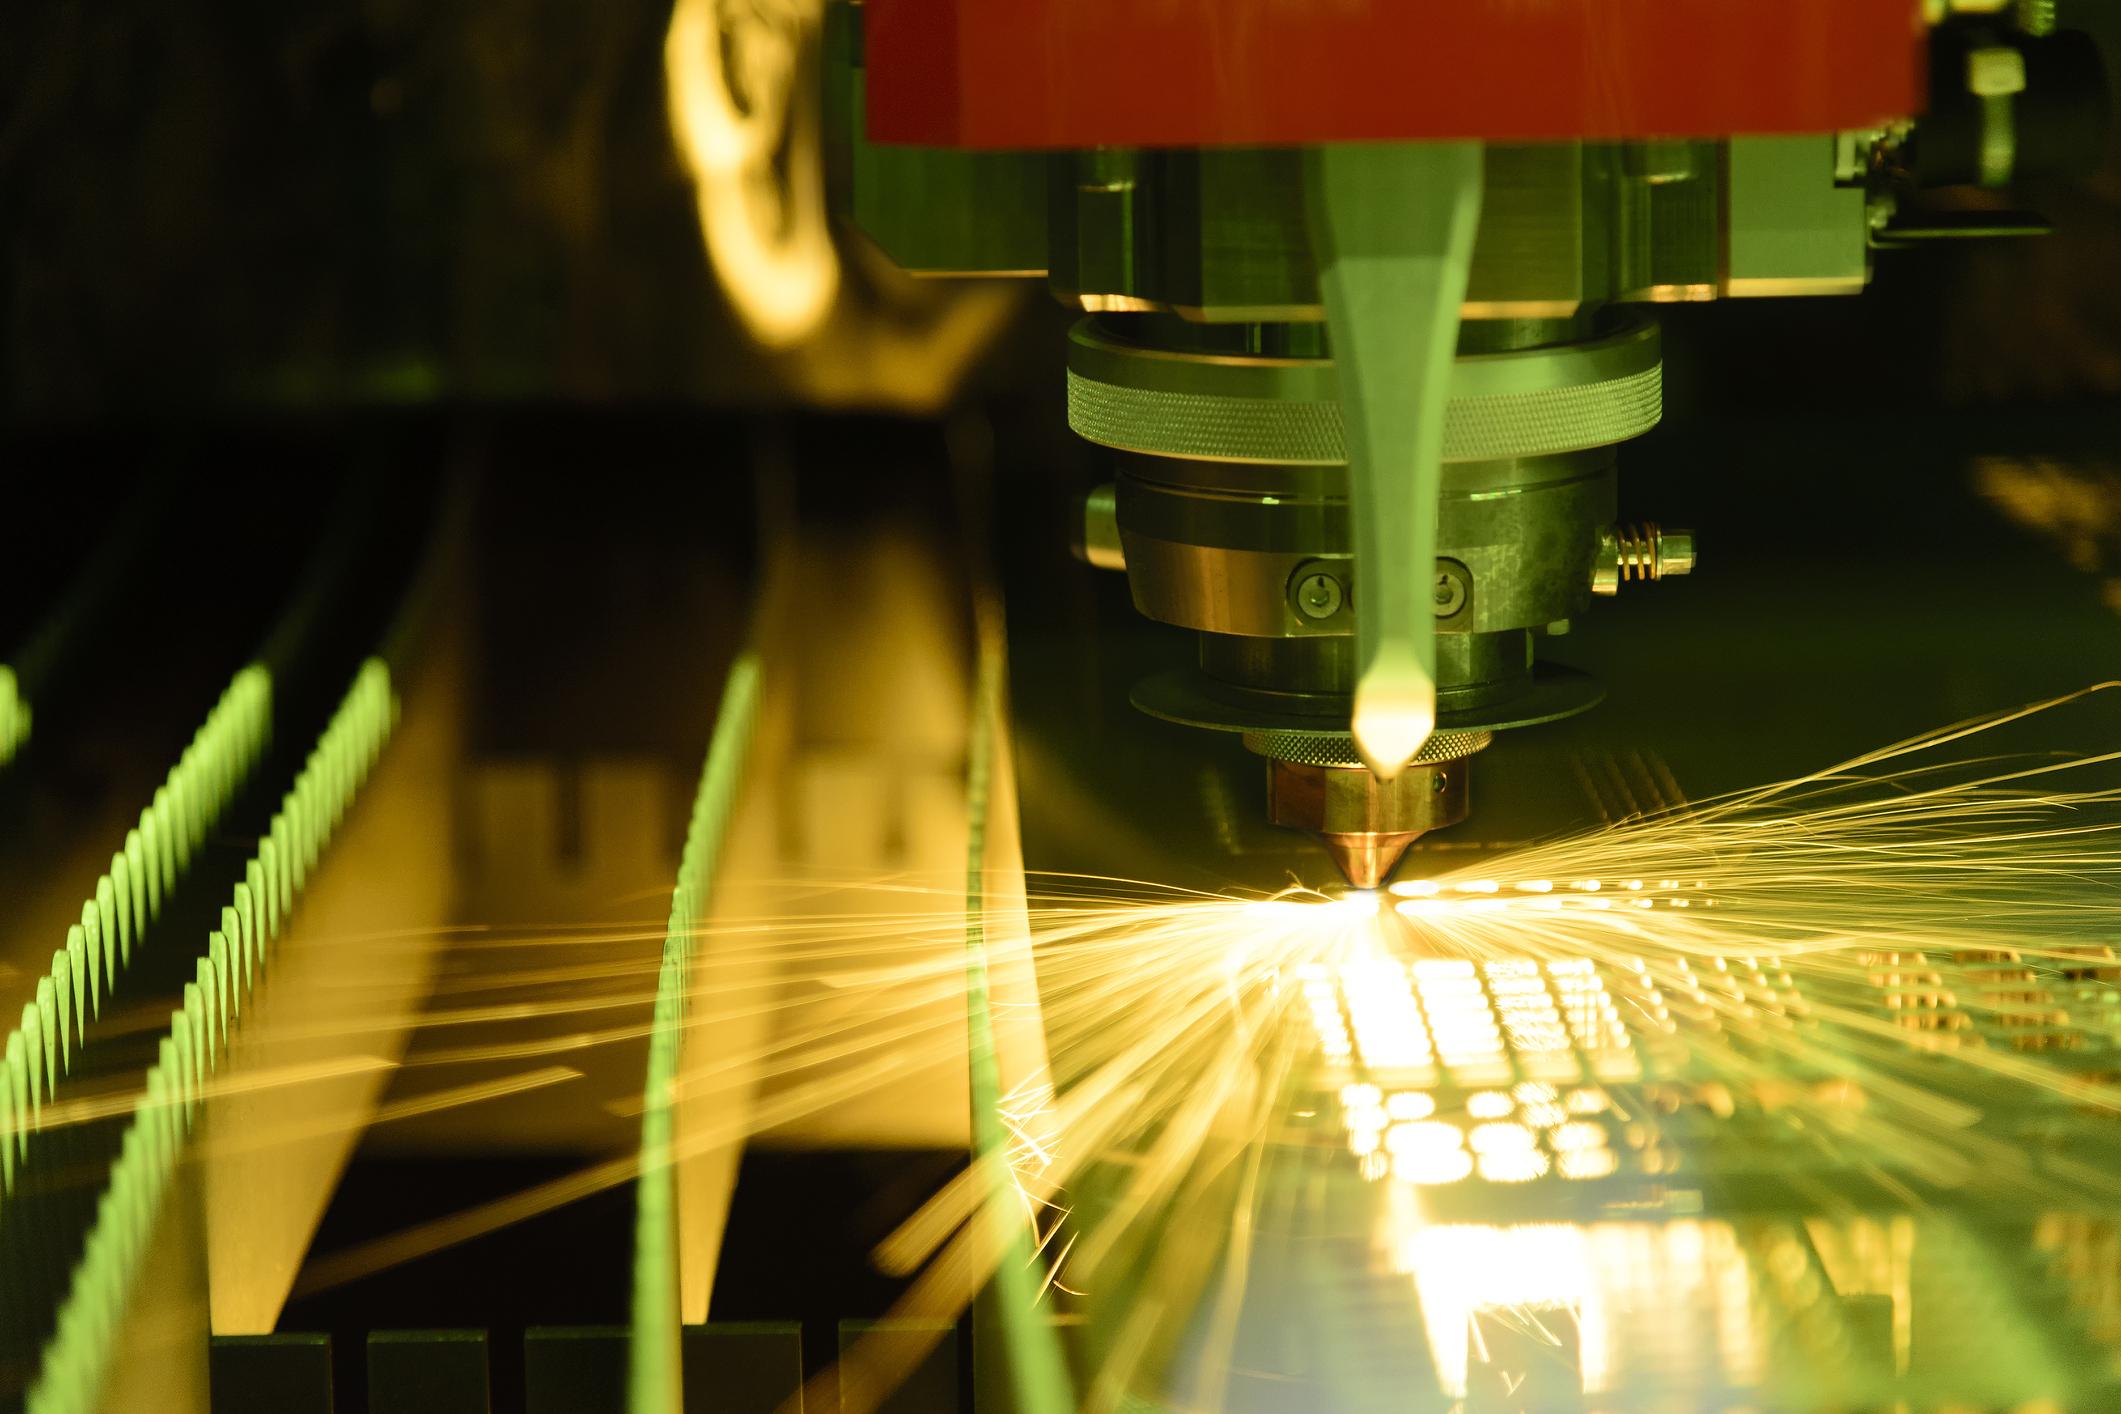 A fiber laser cutting through sheet steel.